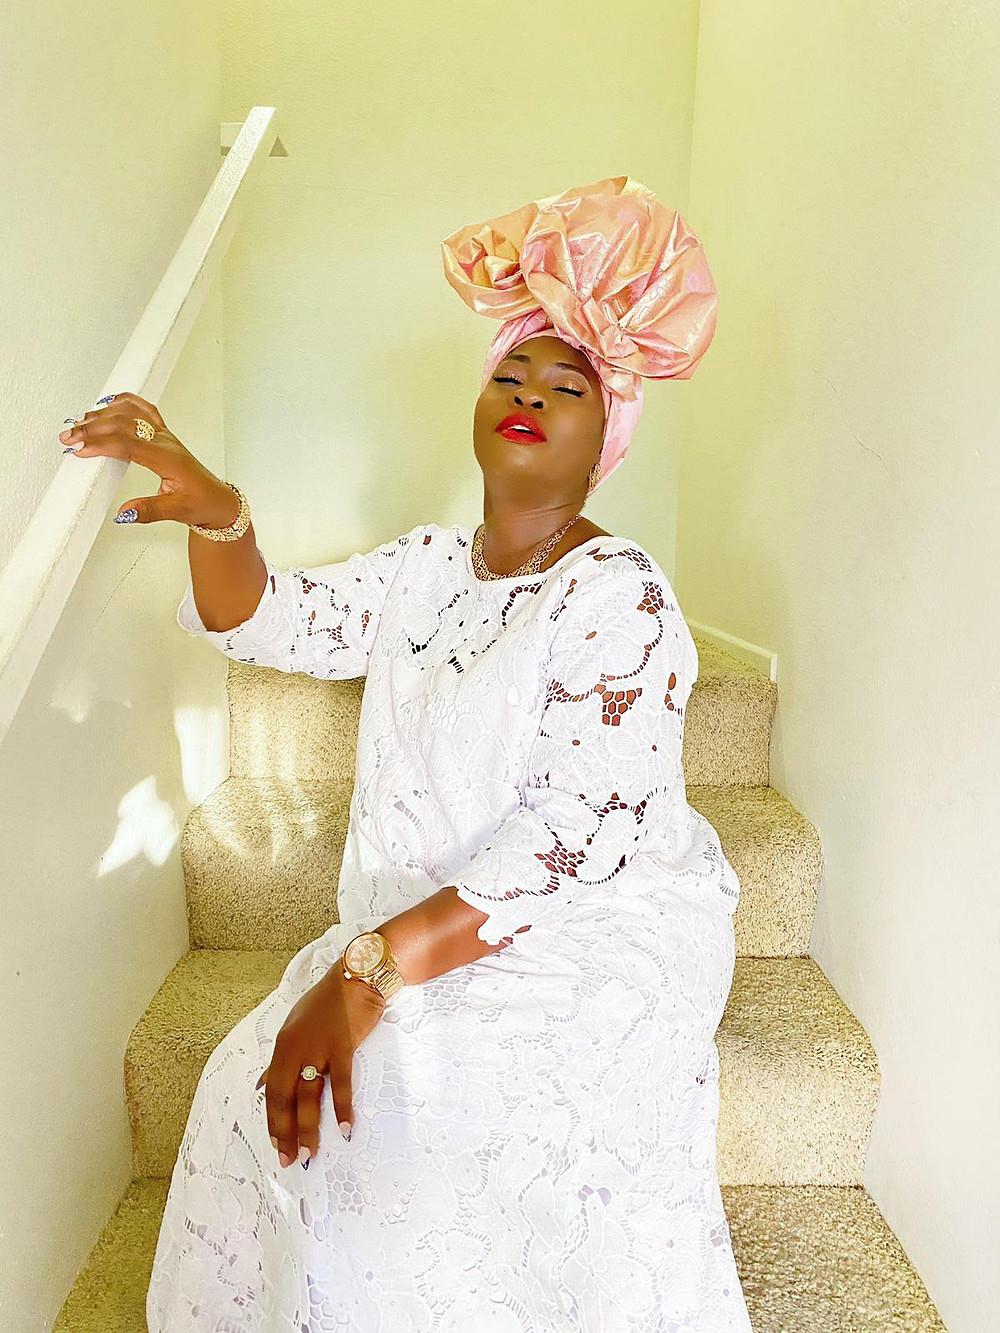 Azeezat Abiola Amusat